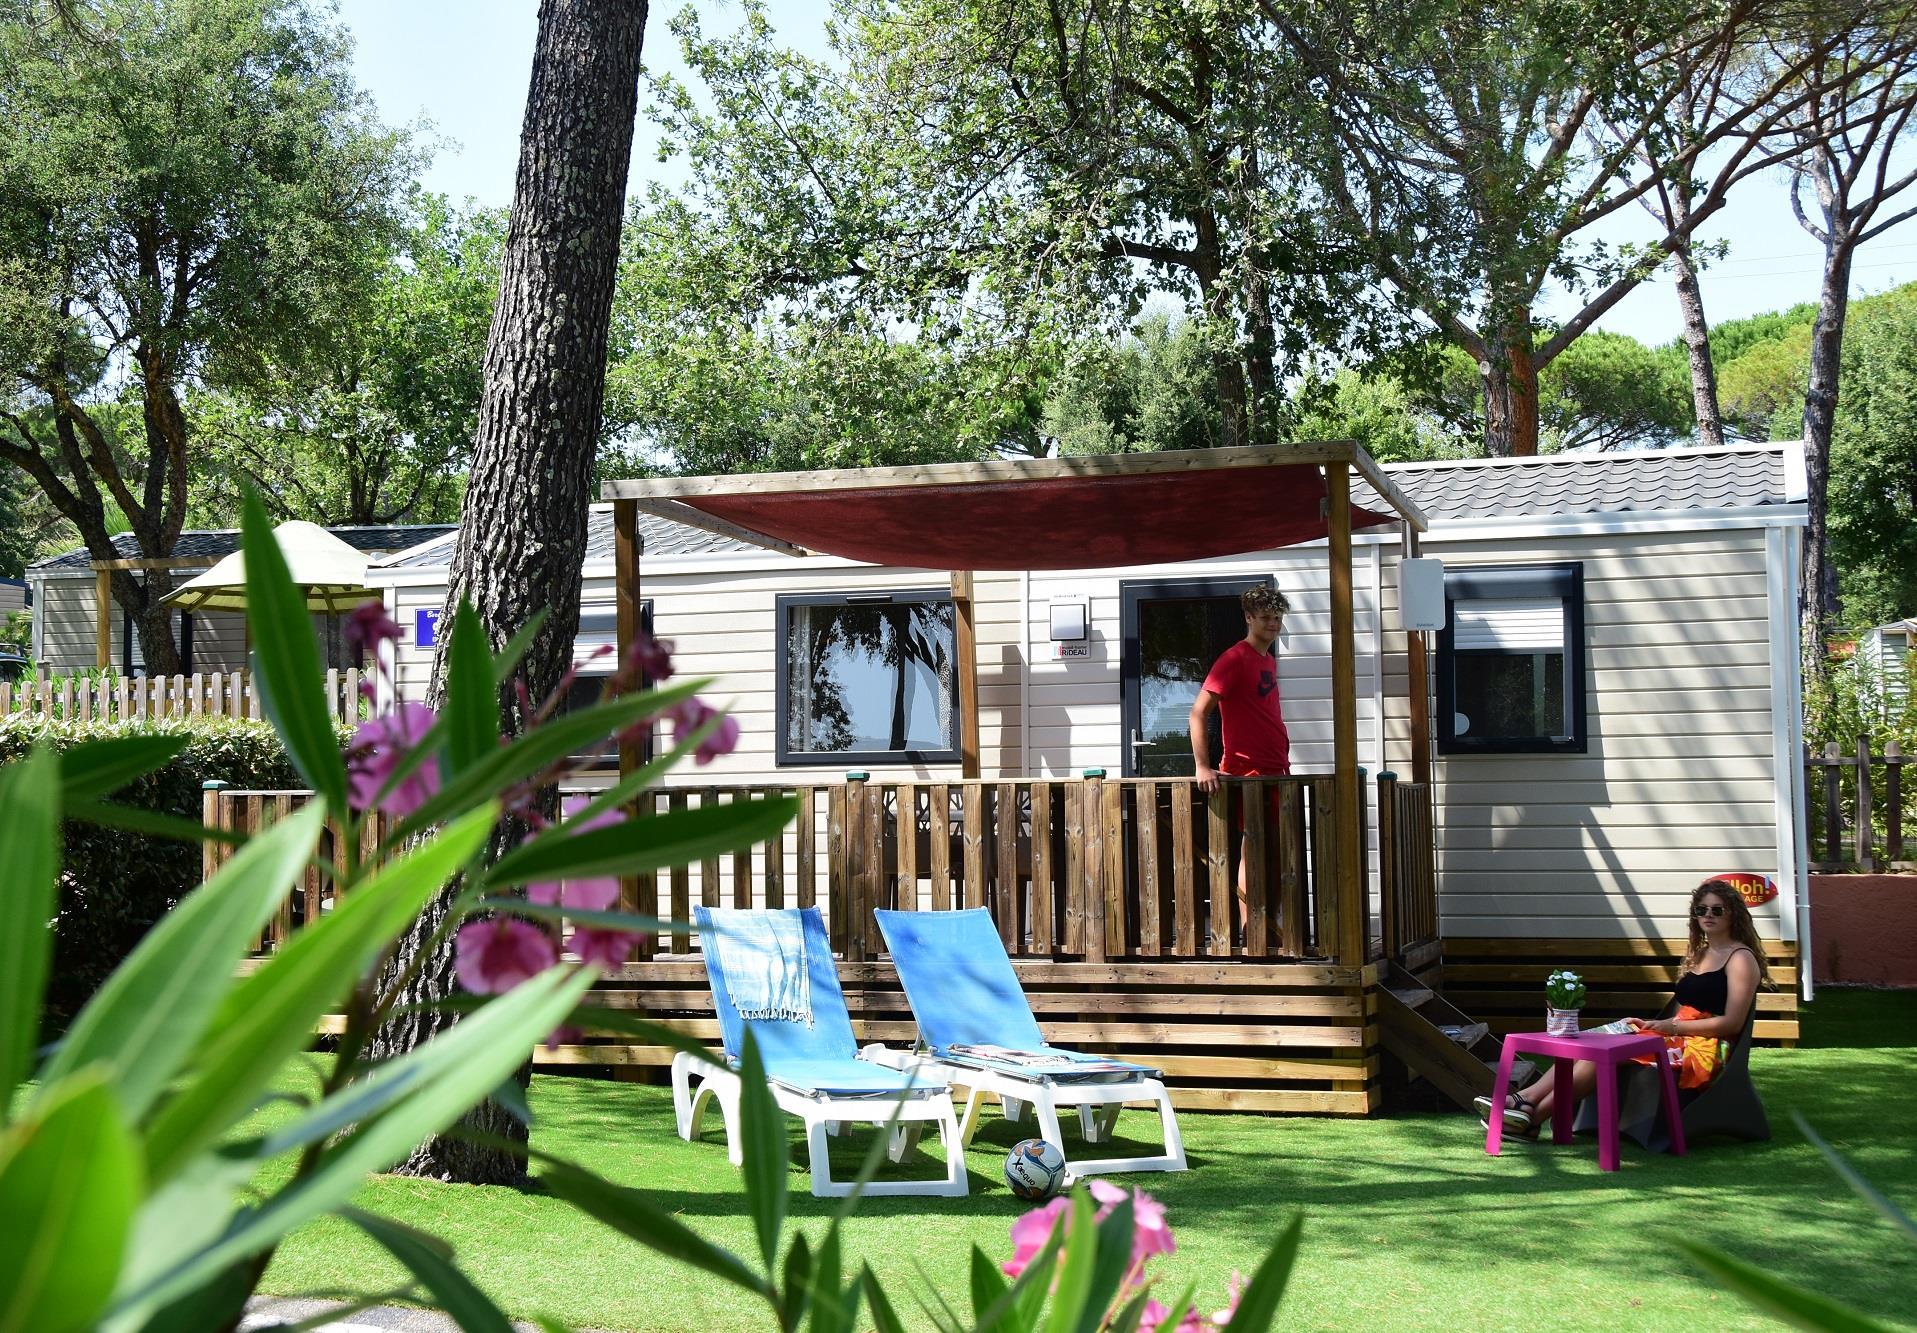 Location - Cottage Bora Bora**** - 2 Chambres / Tv / Climatisé - Yelloh! Village la Bastiane